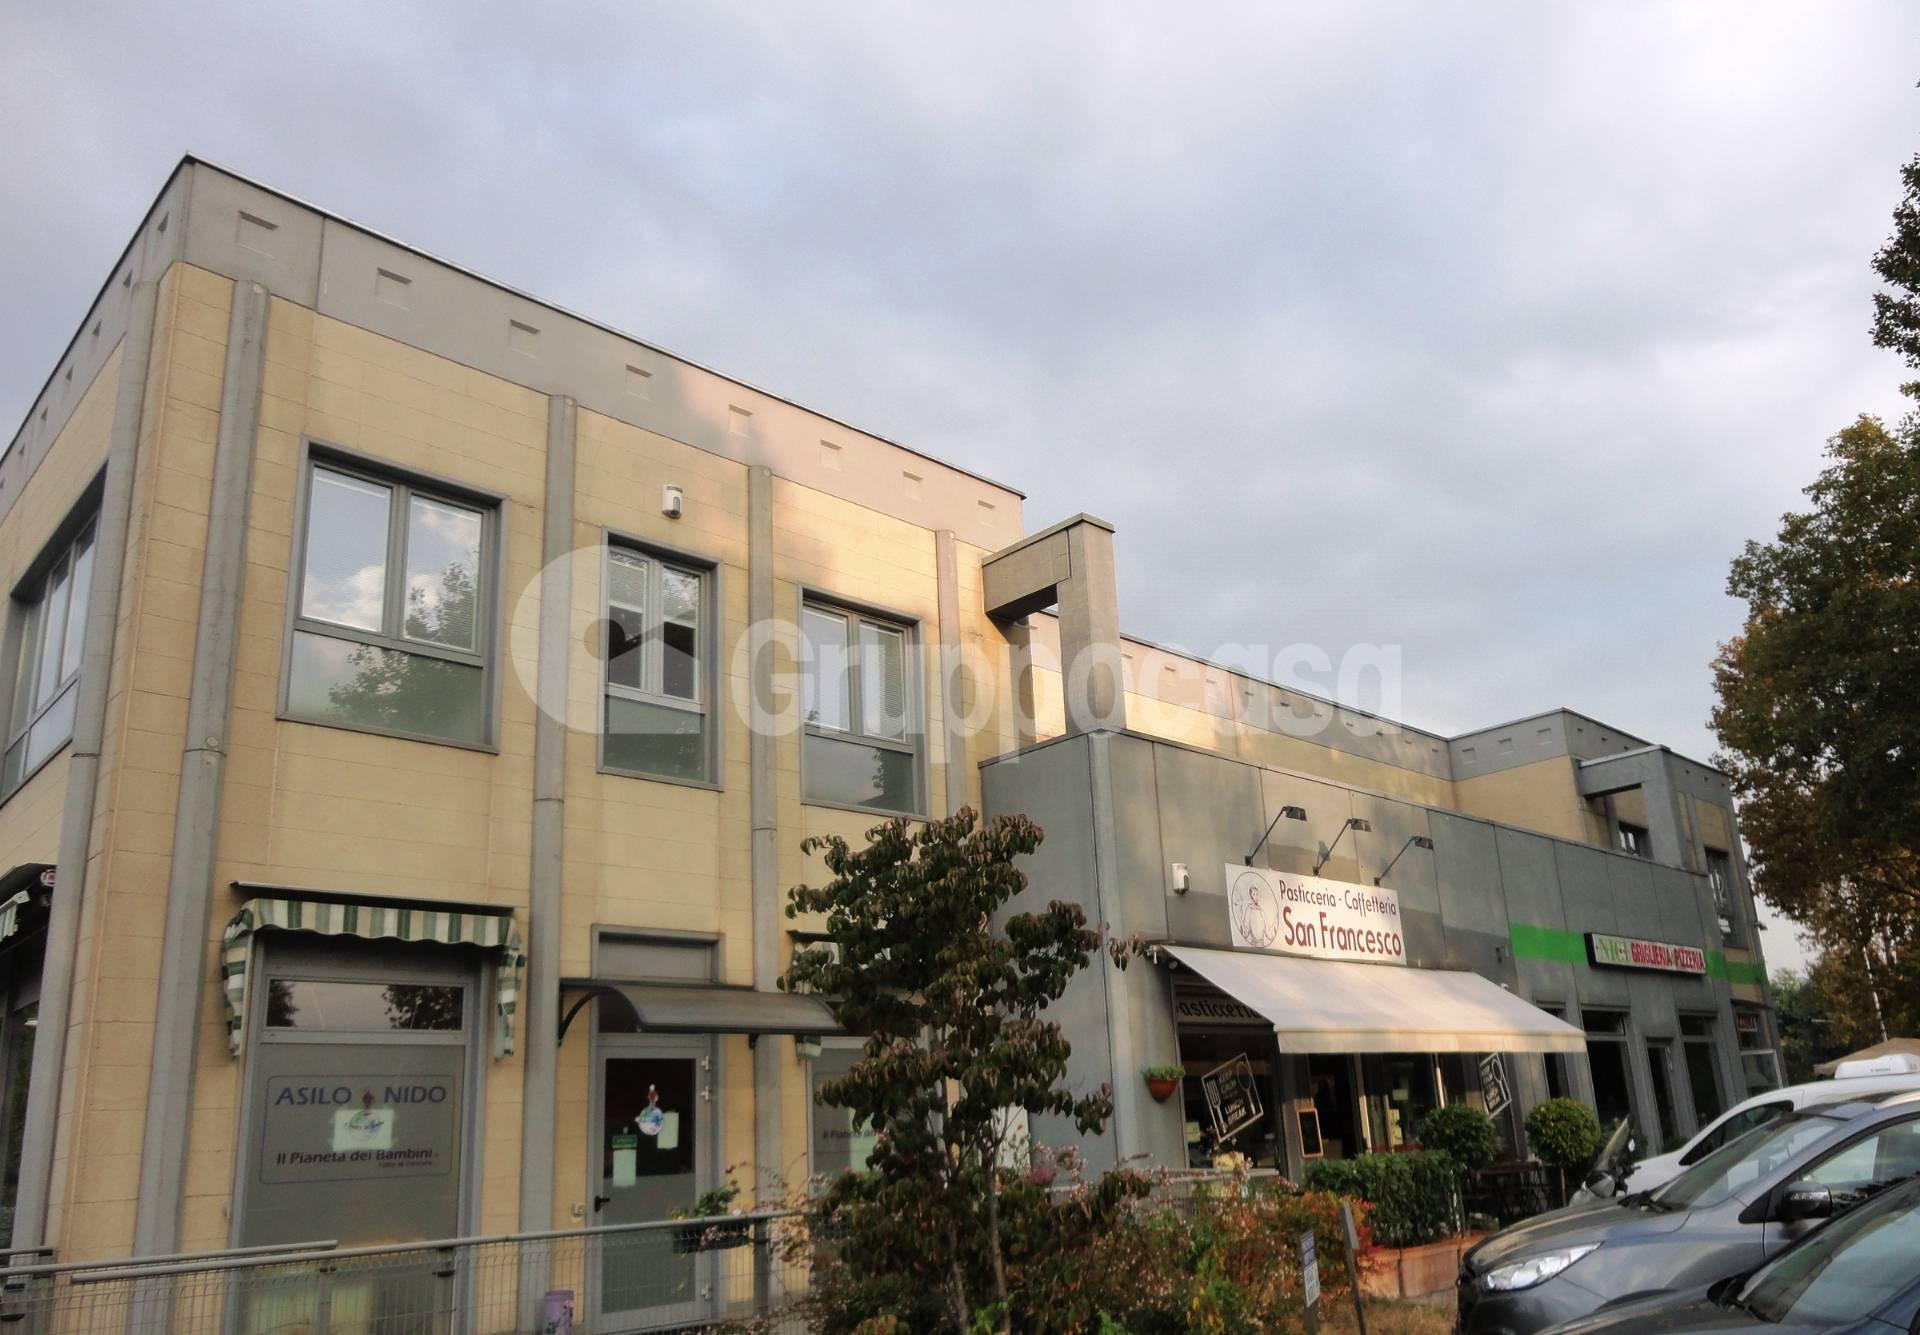 Negozio / Locale in vendita a Caronno Pertusella, 9999 locali, zona Zona: Pertusella, prezzo € 185.000 | CambioCasa.it